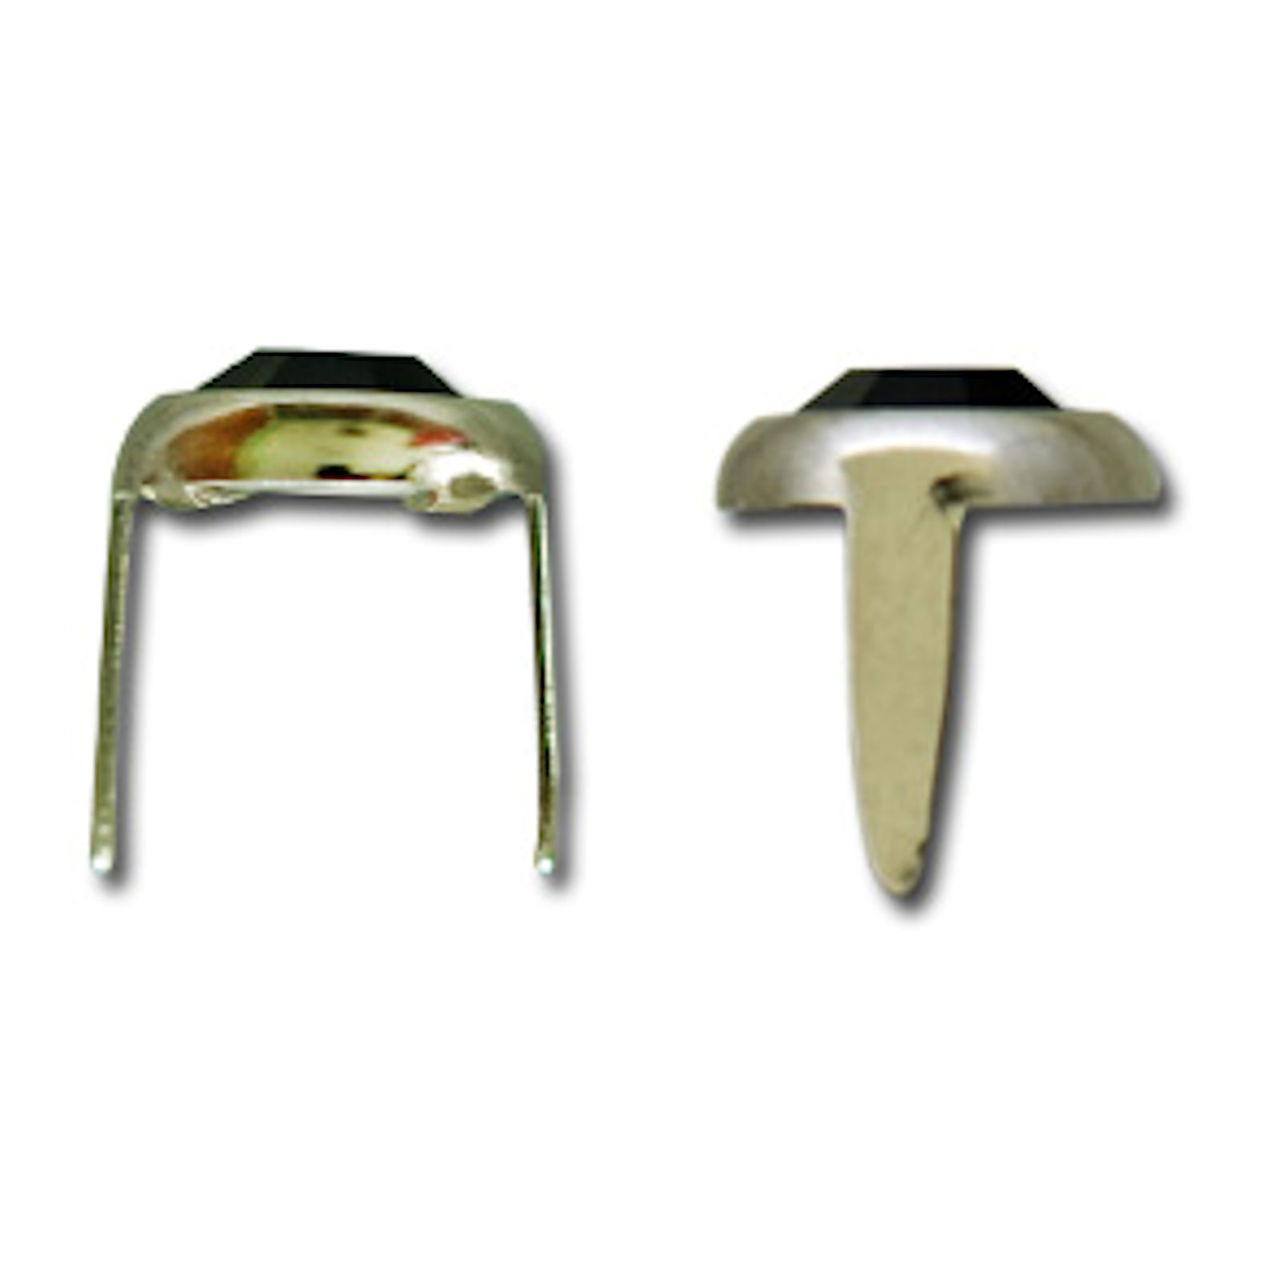 """Clear Rhinestone Nailhead Nickel Plated Brass Spots 10 pk 5/16"""" Diam"""